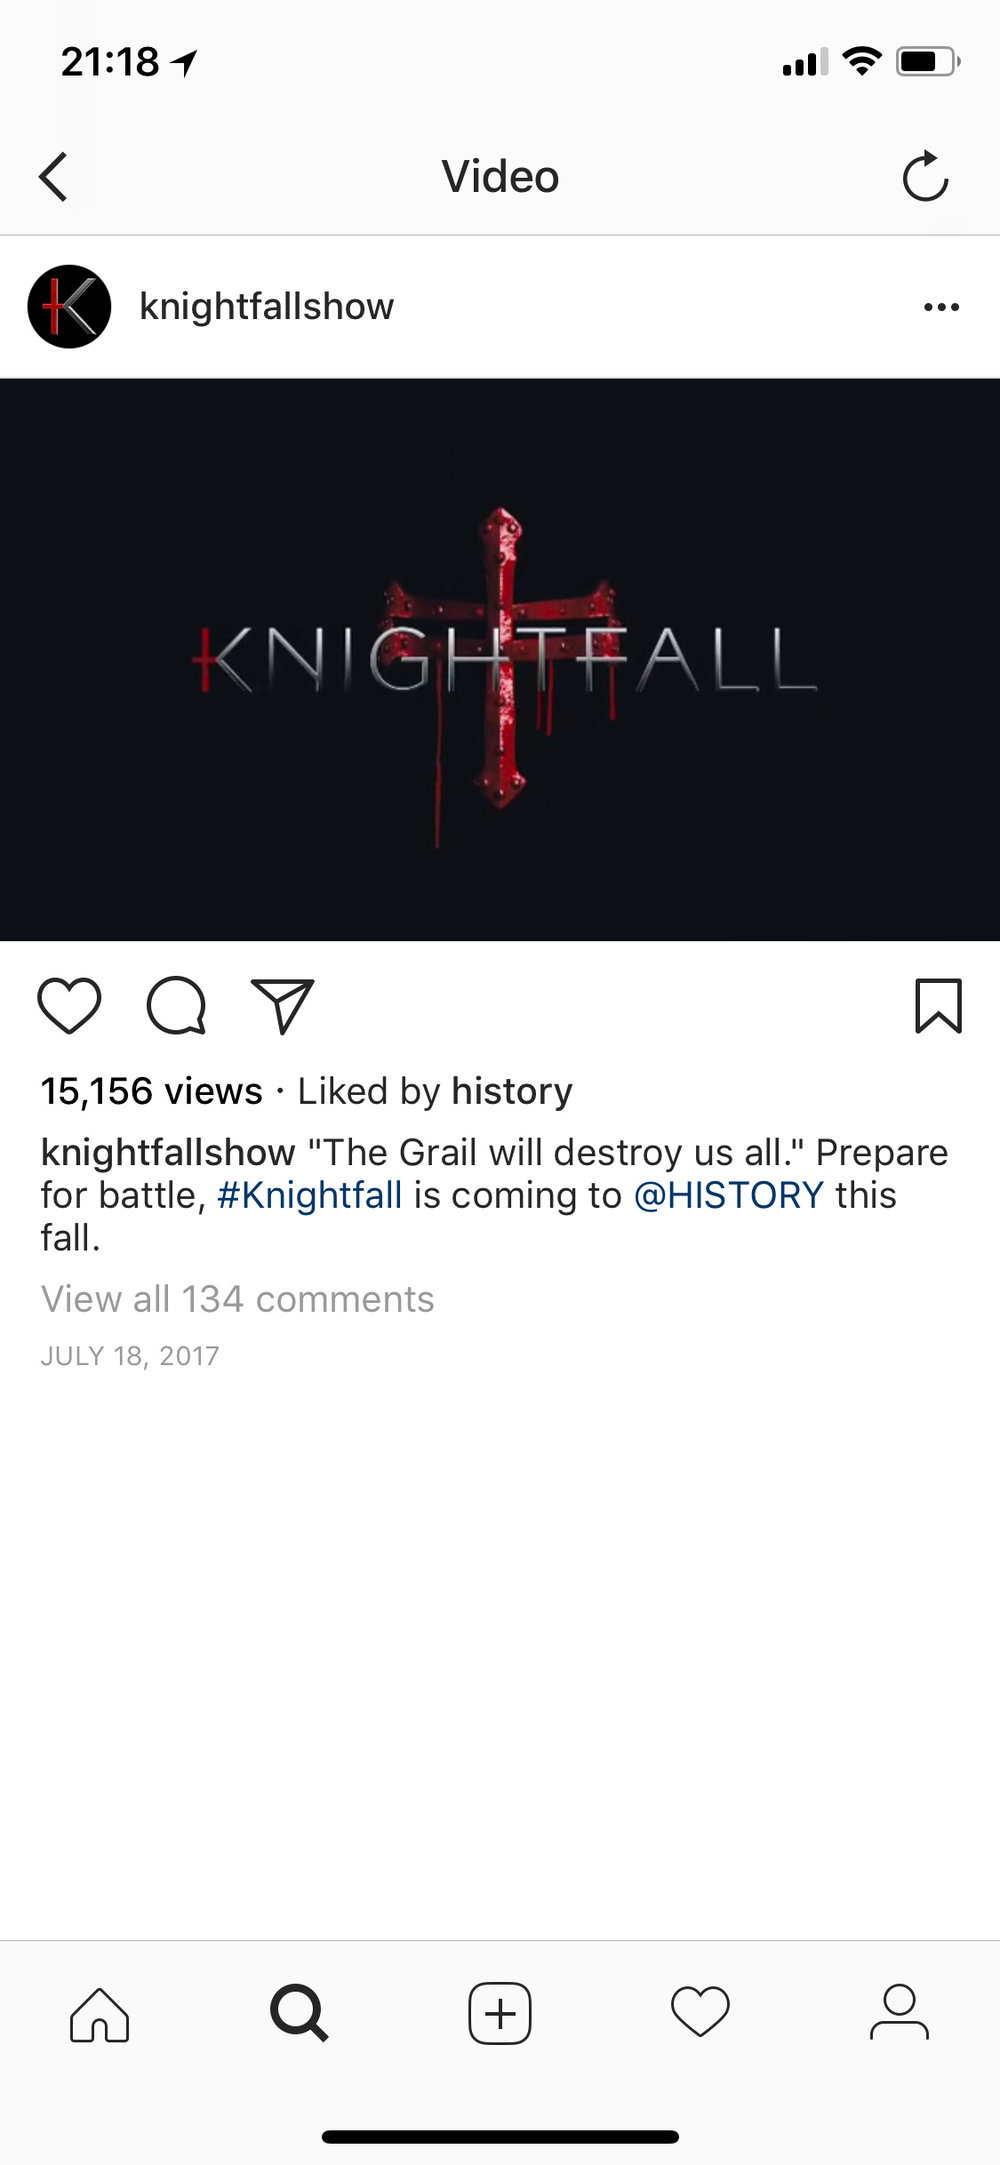 knightfall_insta02.jpg